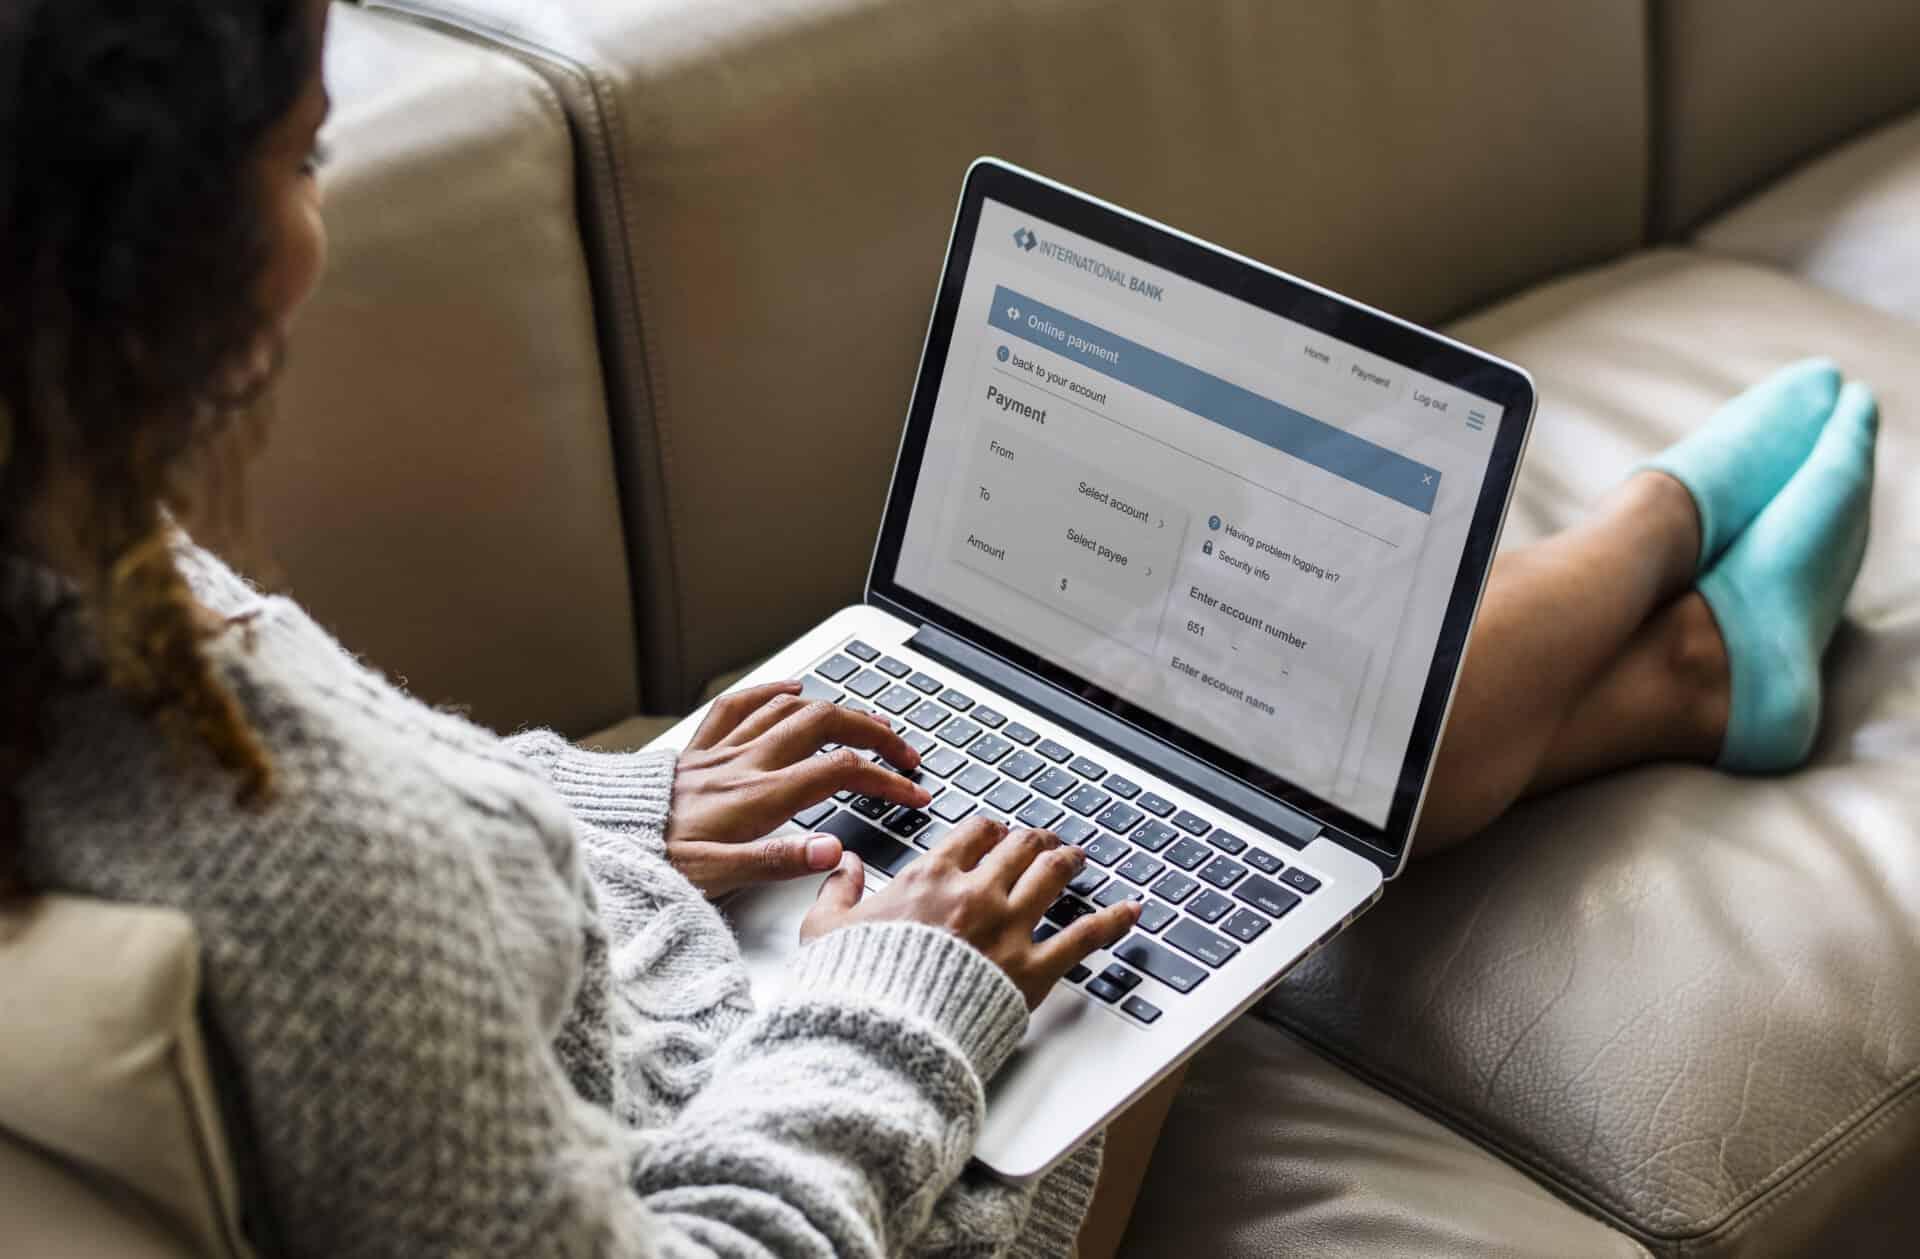 Mit eigenen Blogs bzw. Bloggen Geld verdienen